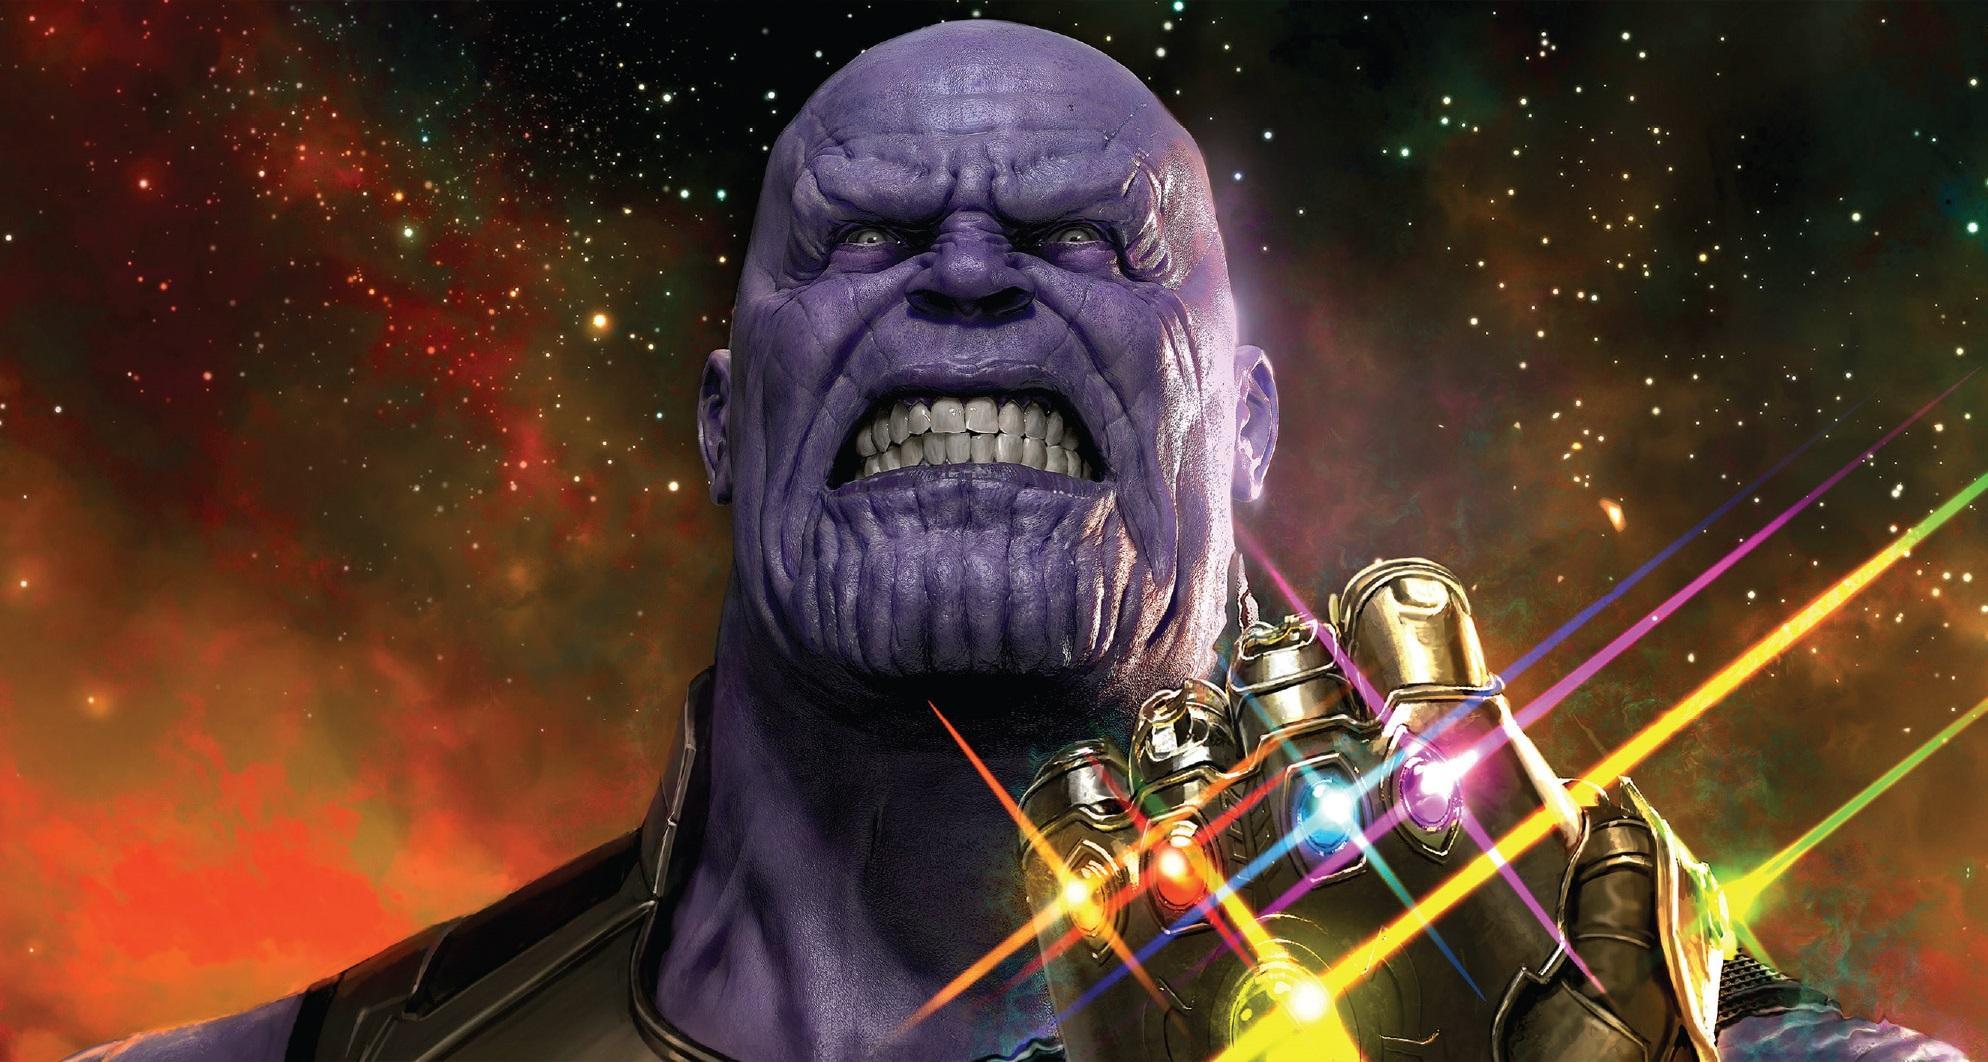 Marvel revela personagem que pode derrotar Thanos sozinho